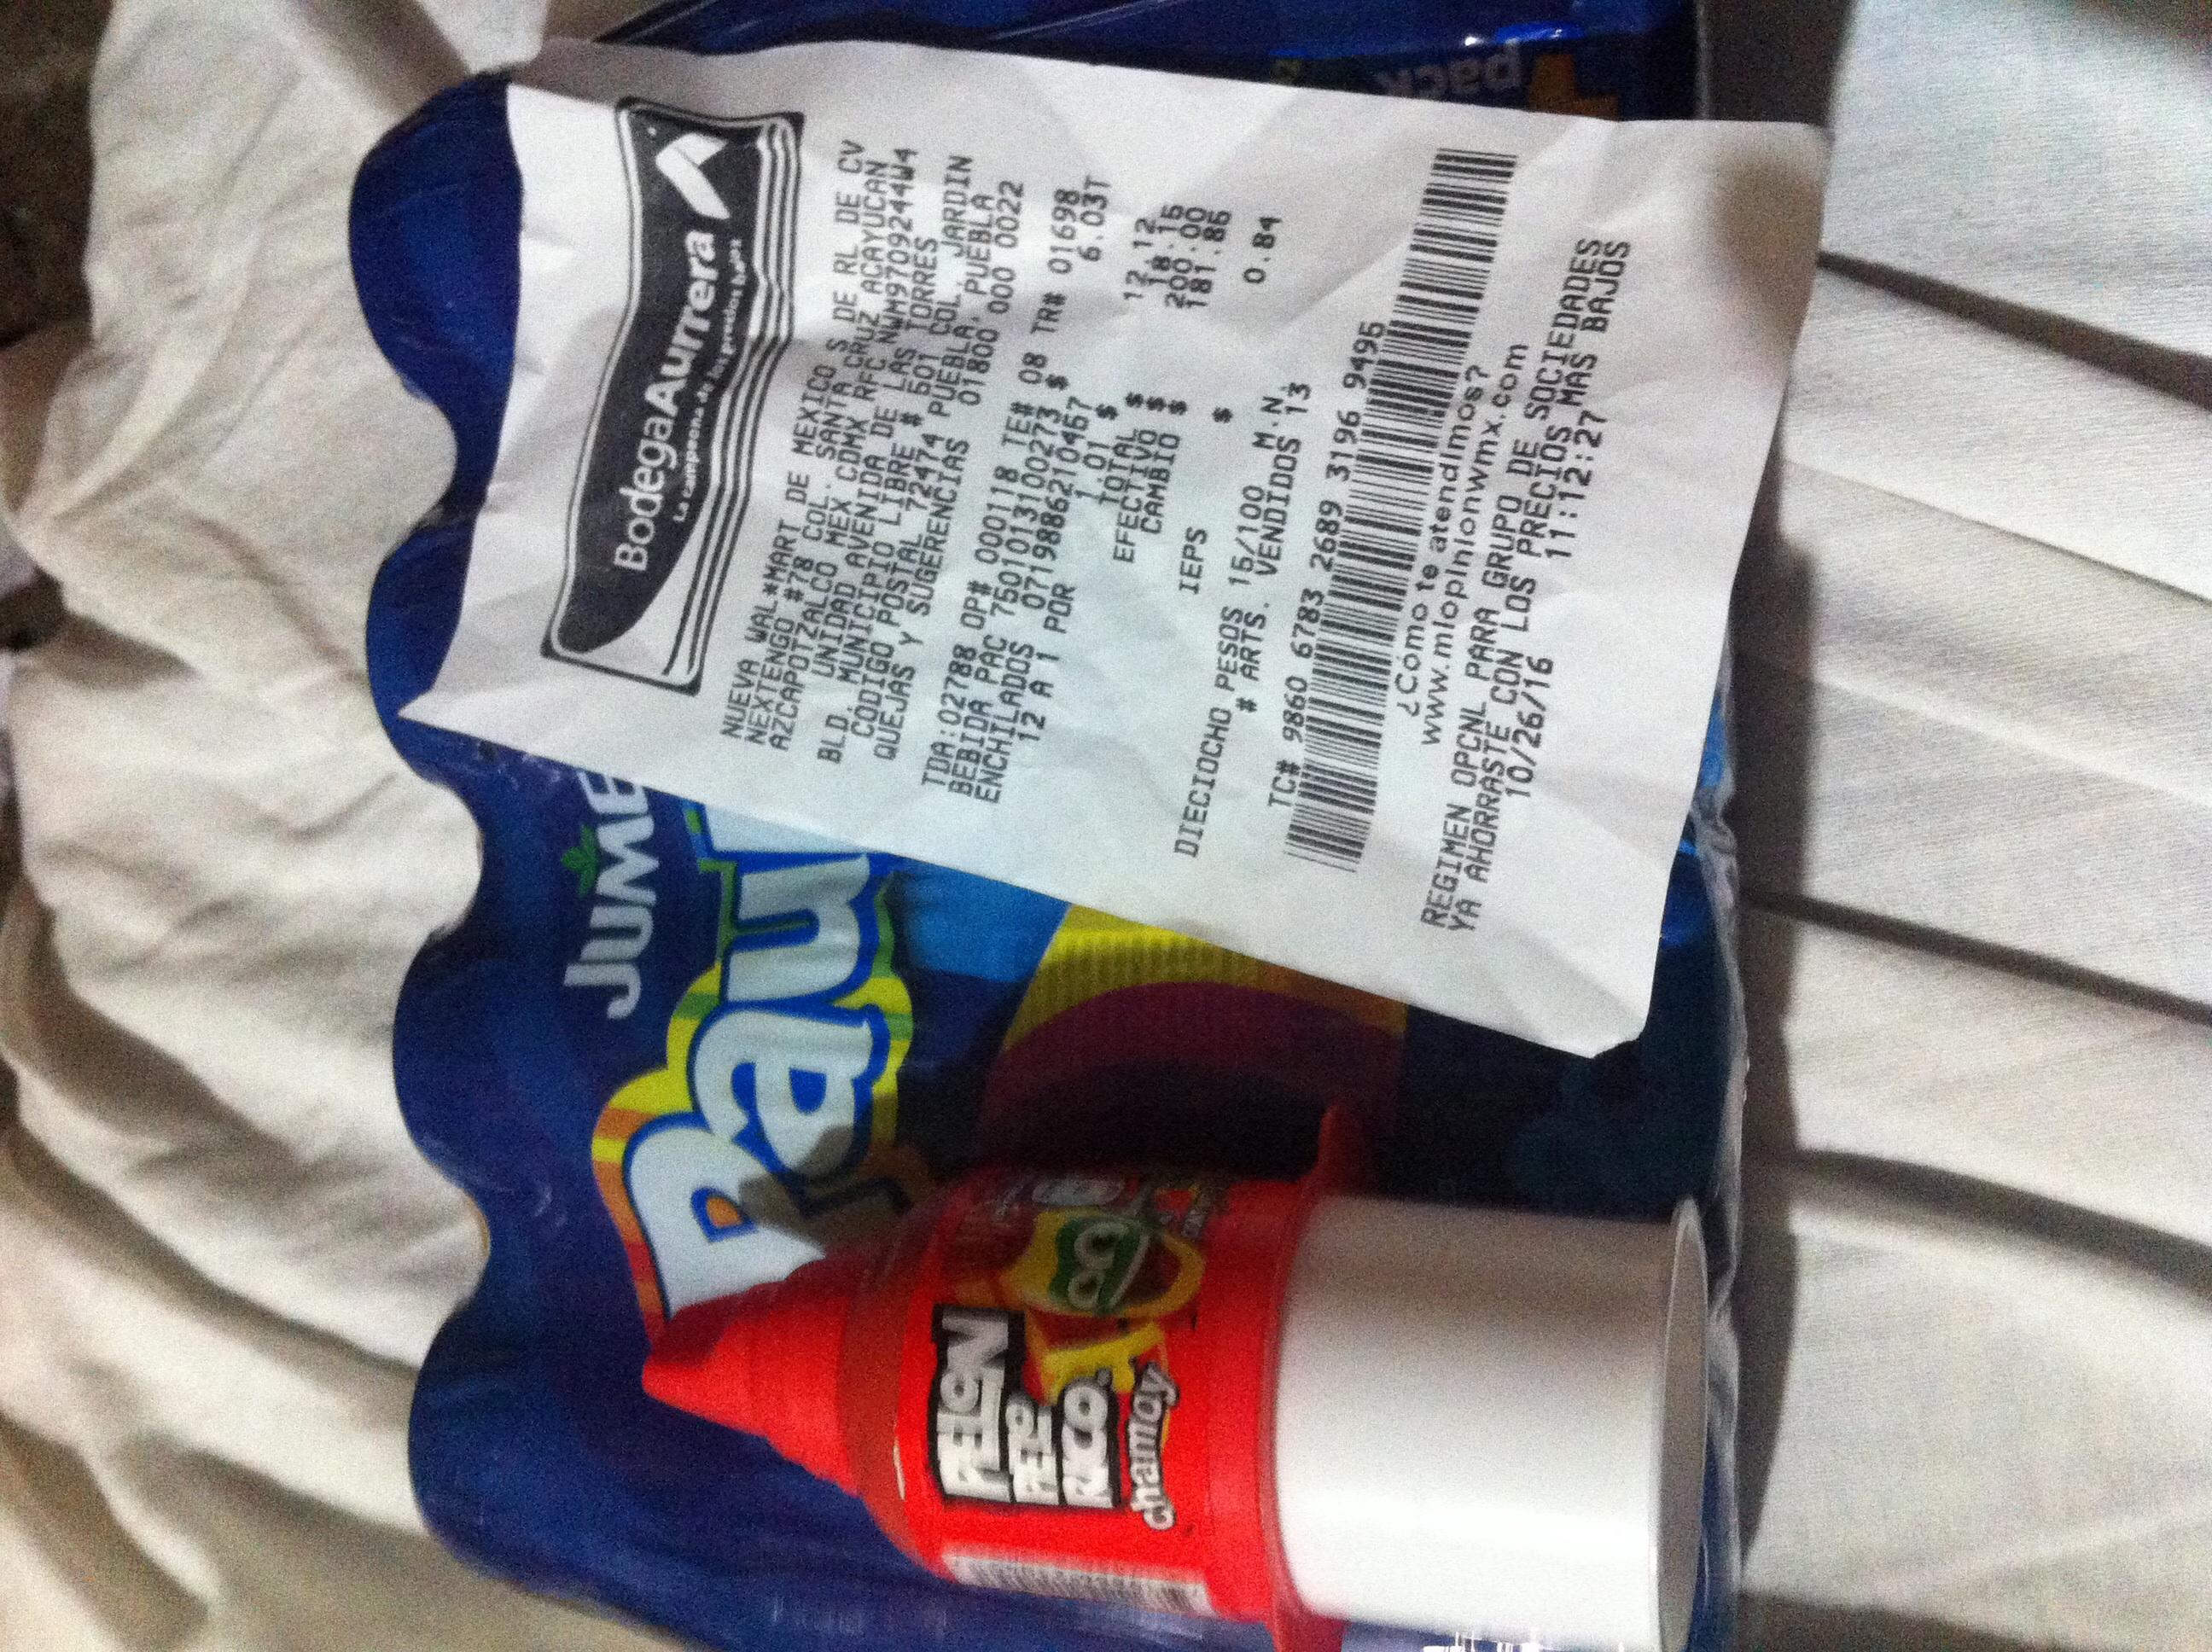 Bodega Aurrerá: Pelón Pelo Rico a $1.01, paquete de 4 Jumex Pau Pau a $6.03